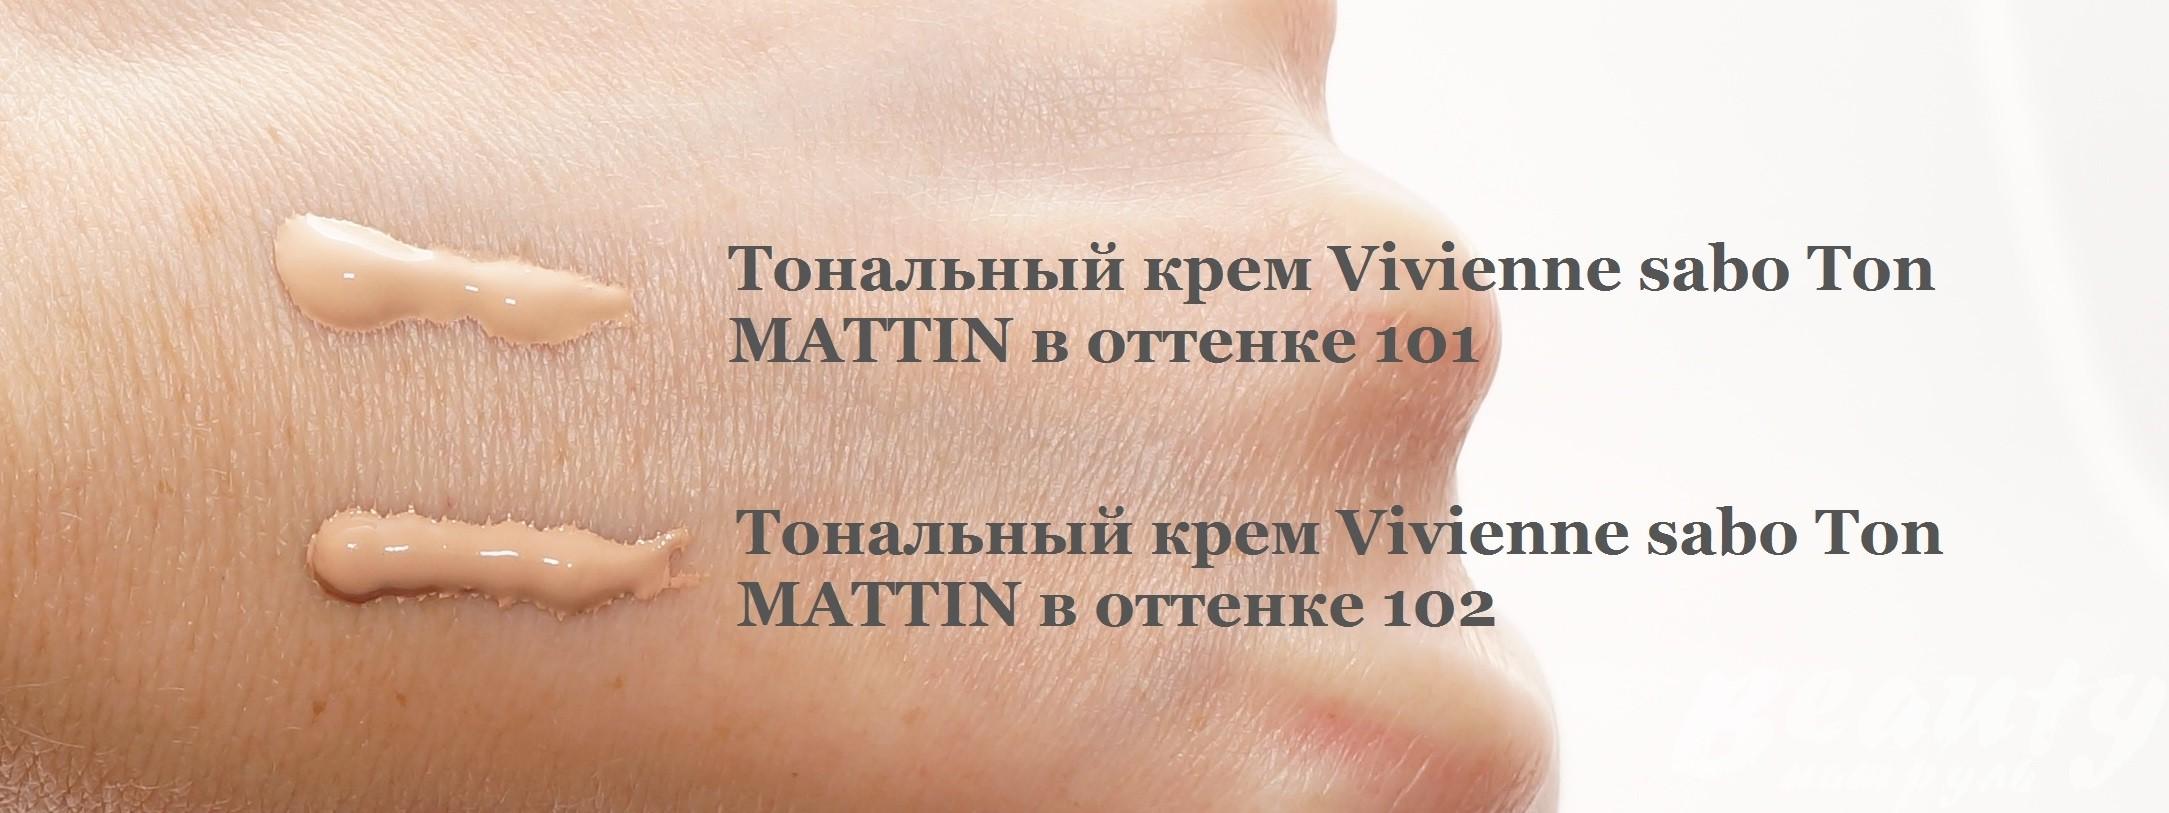 вивьен сабо тональный крем ton mattin отзывы